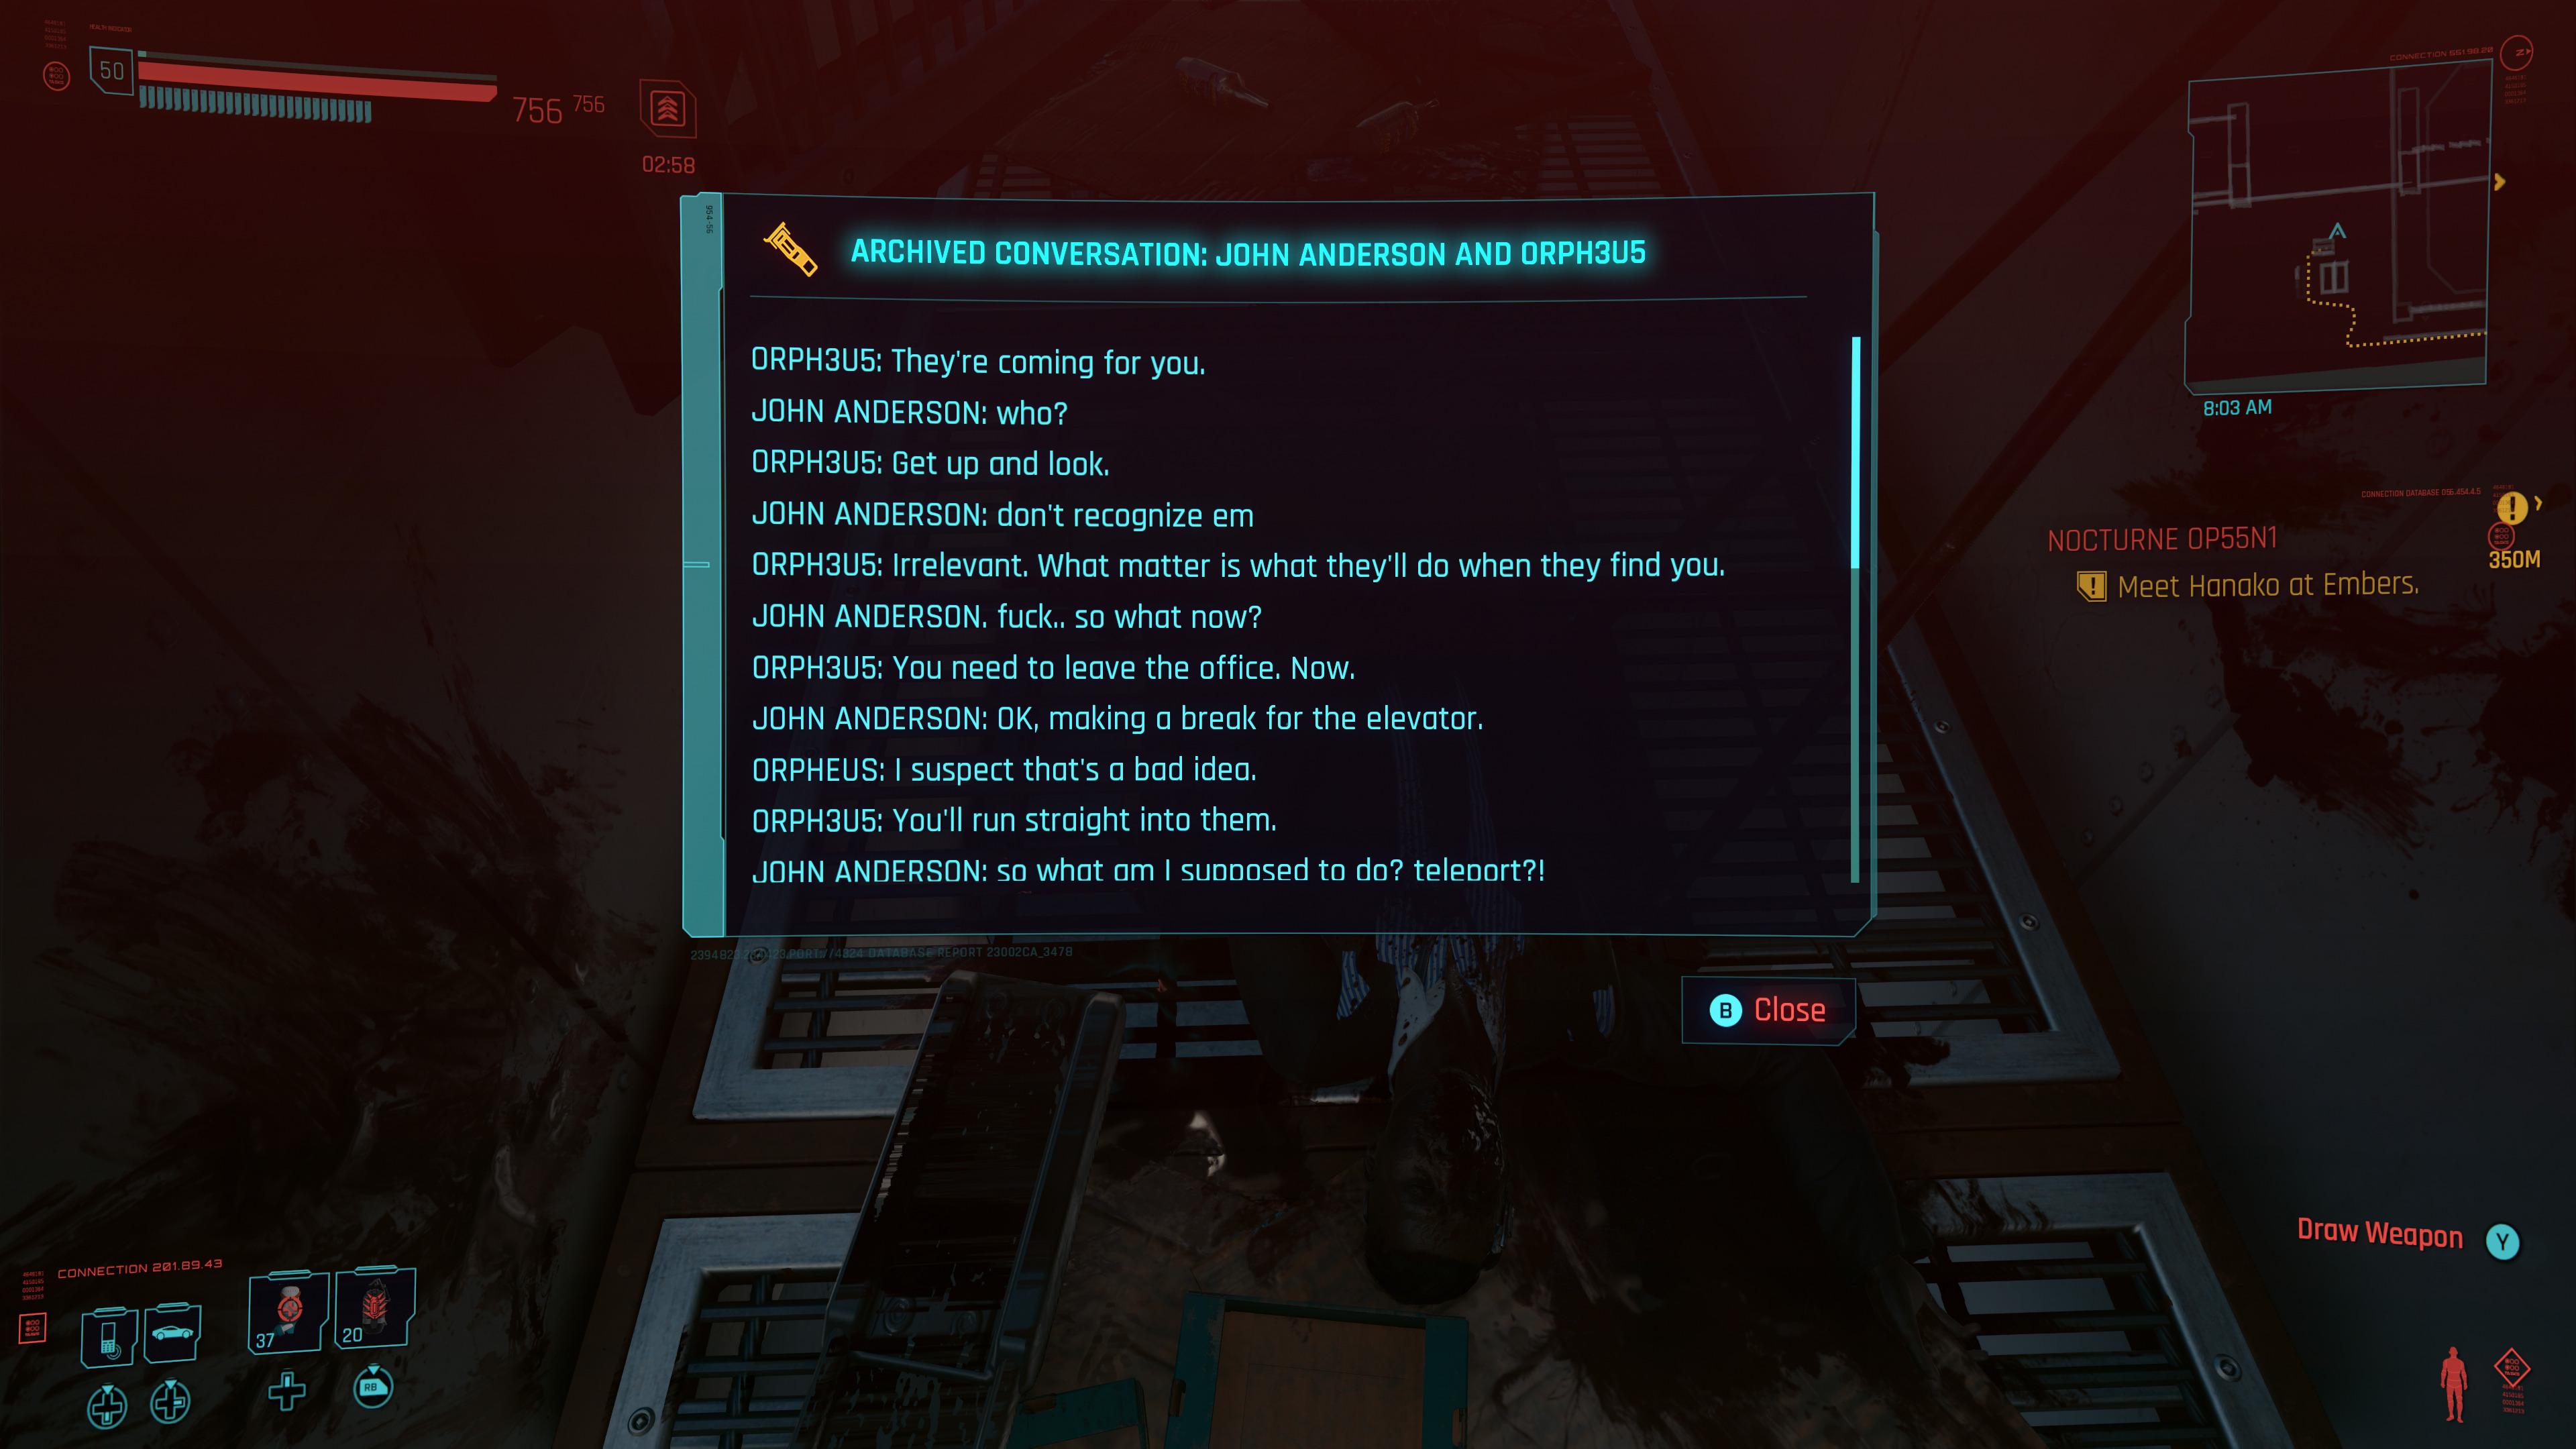 Cyberpunk 2077 (C) 2020 by CD Projekt RED 14_01_2021 14.52.04.jpg